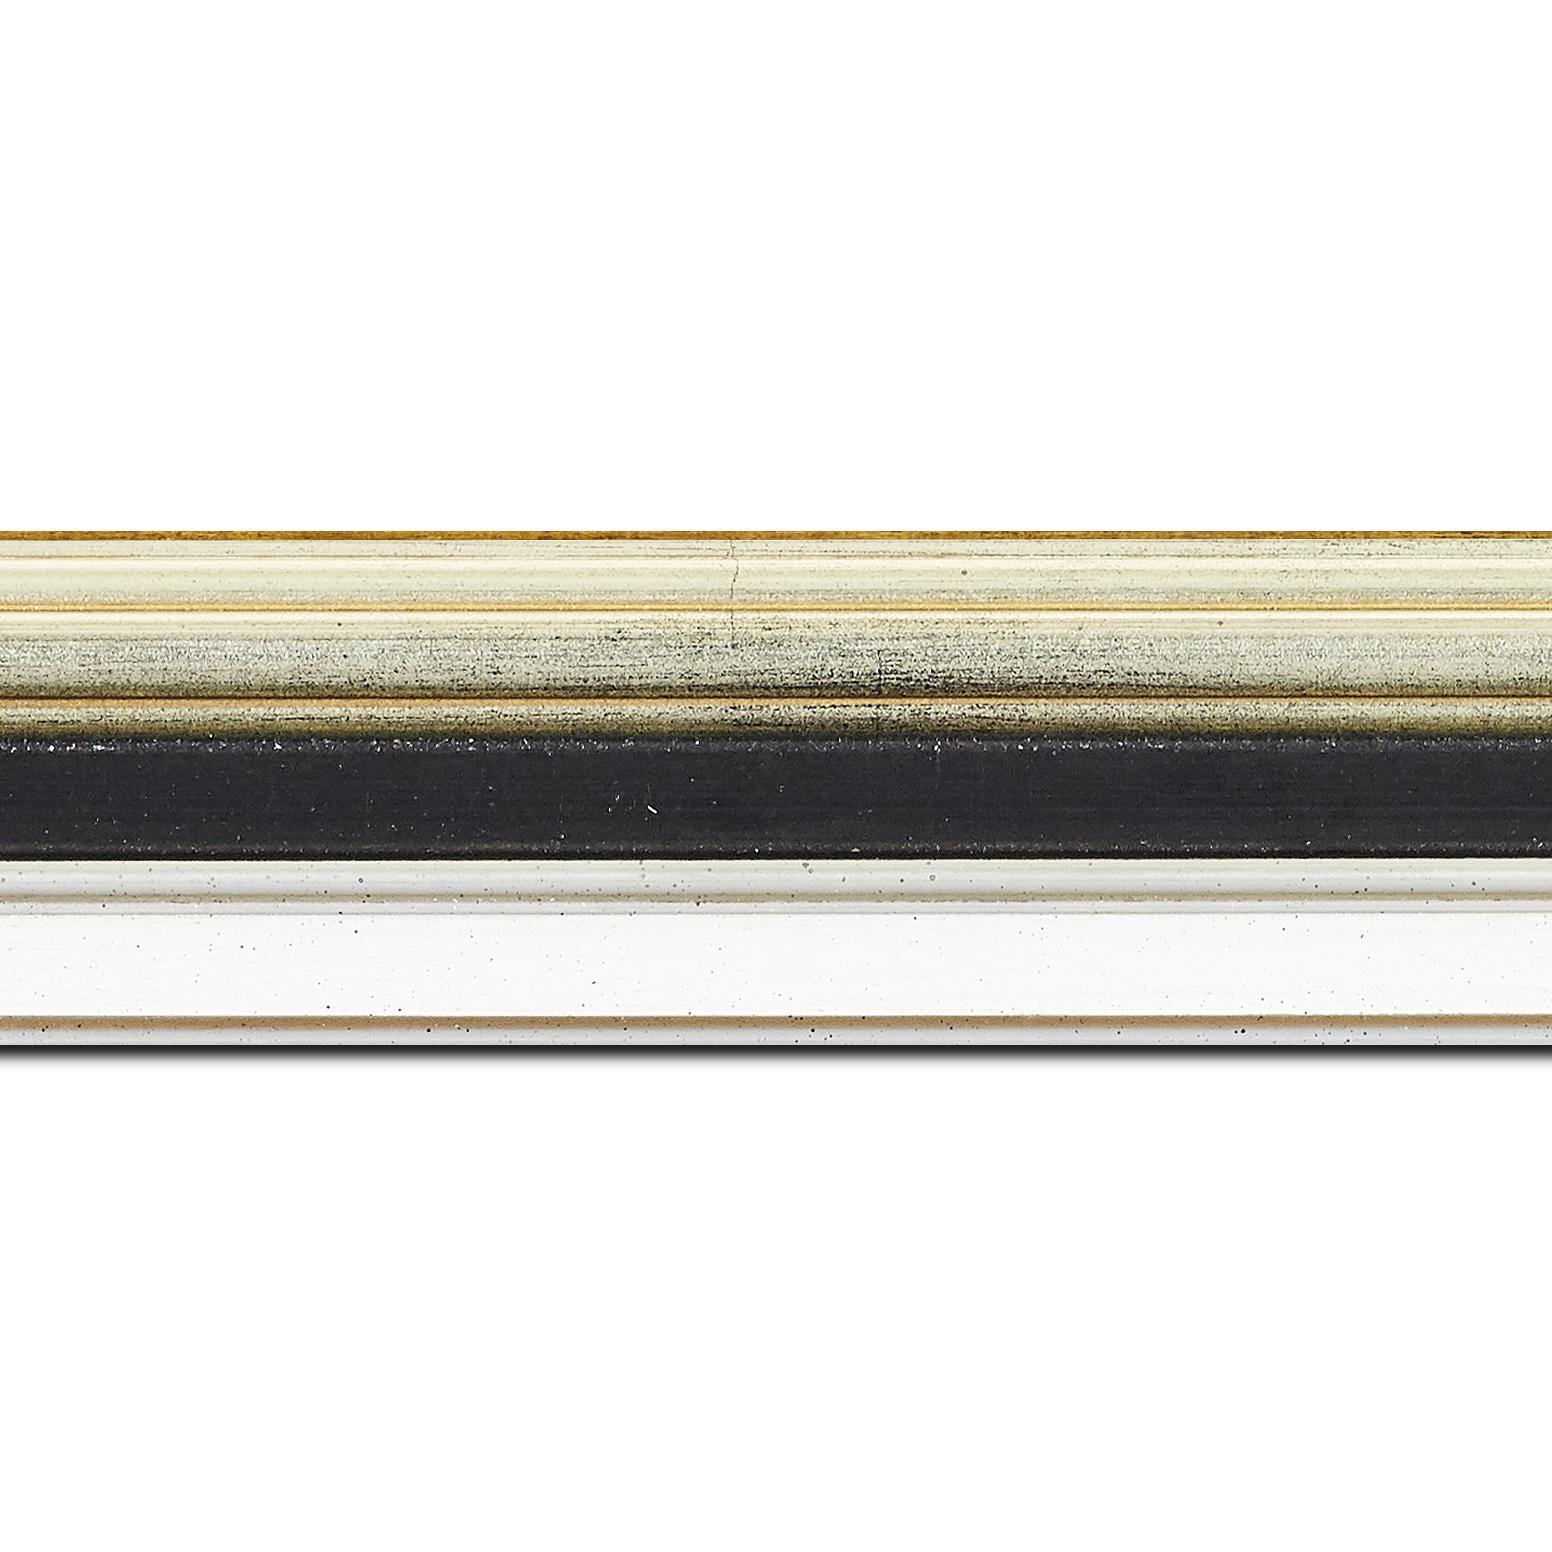 Pack par 12m, bois largeur 5.2cm argent gorge noire  marie louise blanche  filet argent intégrée(longueur baguette pouvant varier entre 2.40m et 3m selon arrivage des bois)